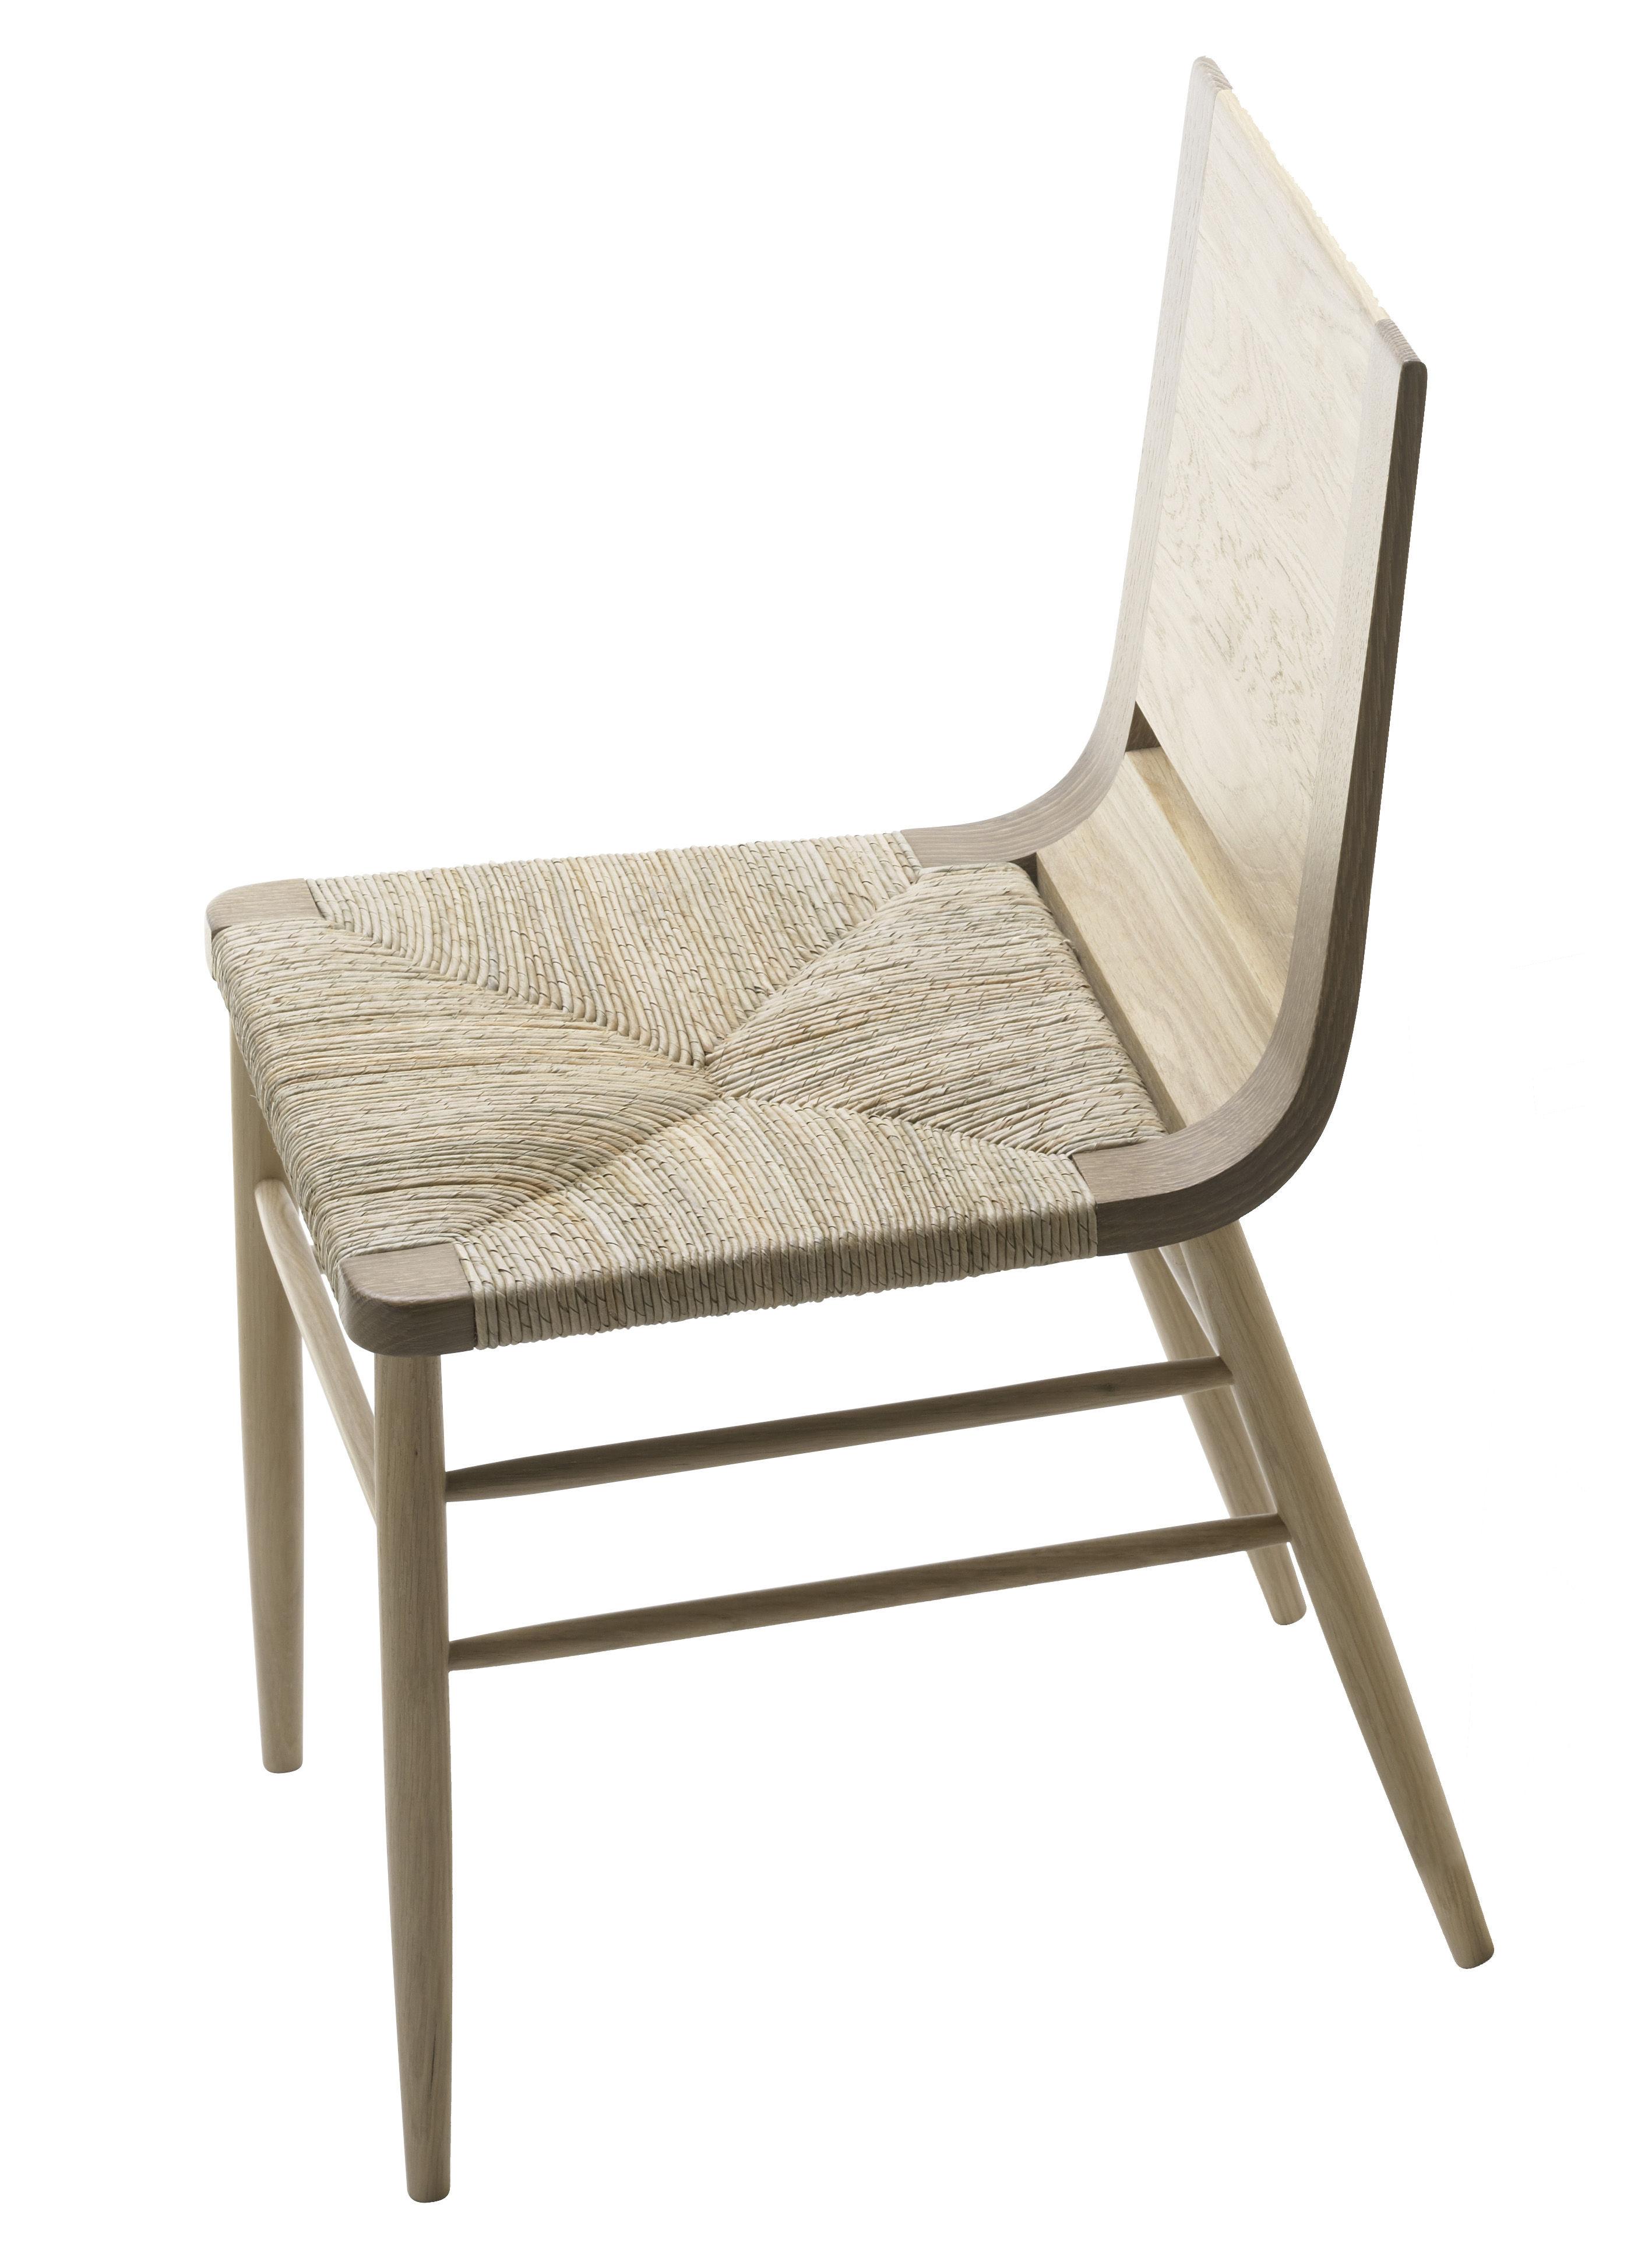 Mobilier - Chaises, fauteuils de salle à manger - Chaise Kimua assise paillée - Alki - Chêne naturel - Chêne massif